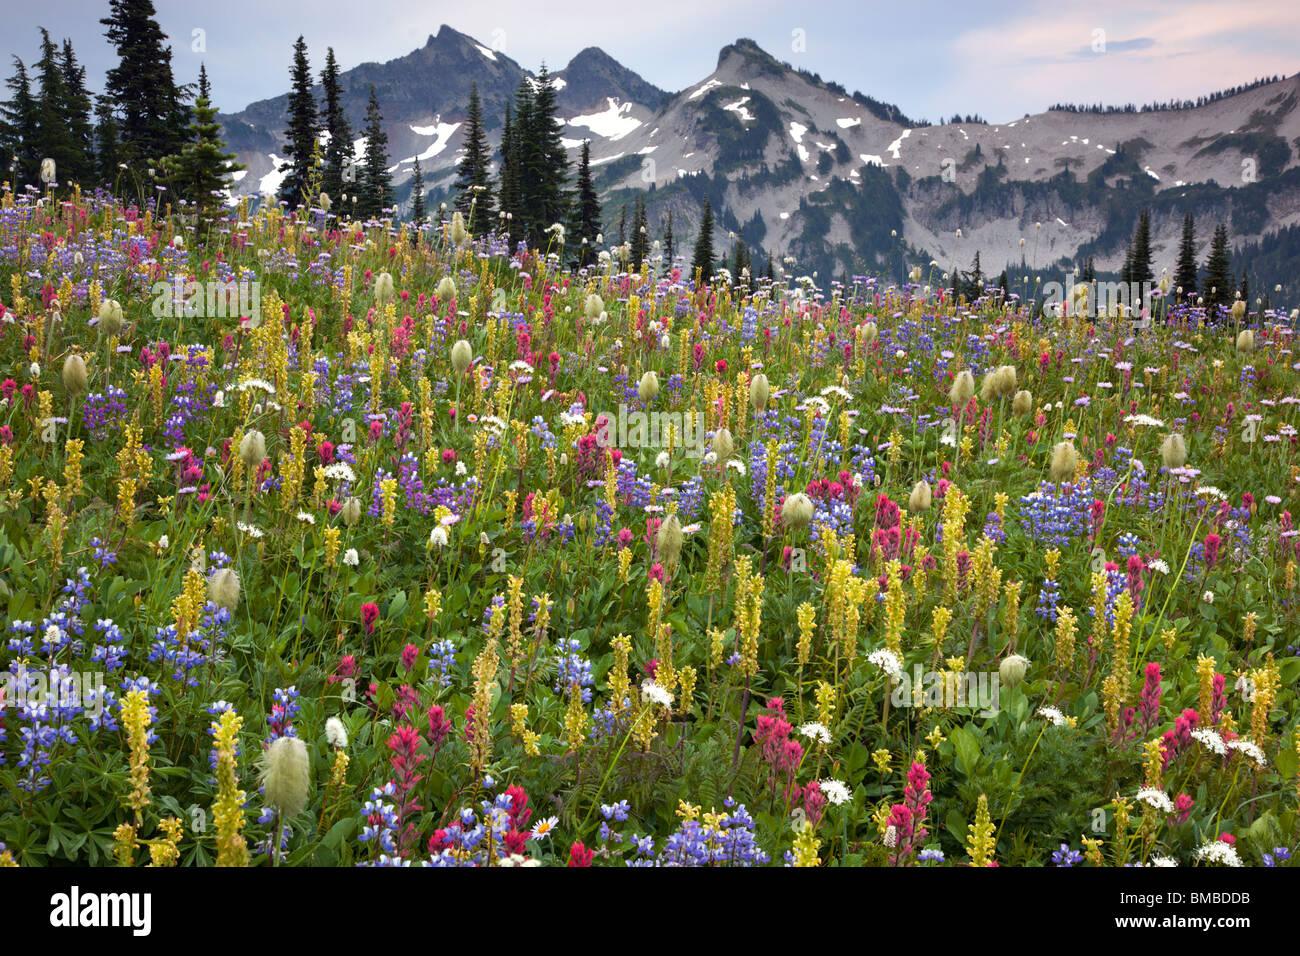 Mount Rainier Natl Park, WA picchi della gamma Tatoosh al di sopra di un prato rigoglioso di fiori selvatici alpini Immagini Stock